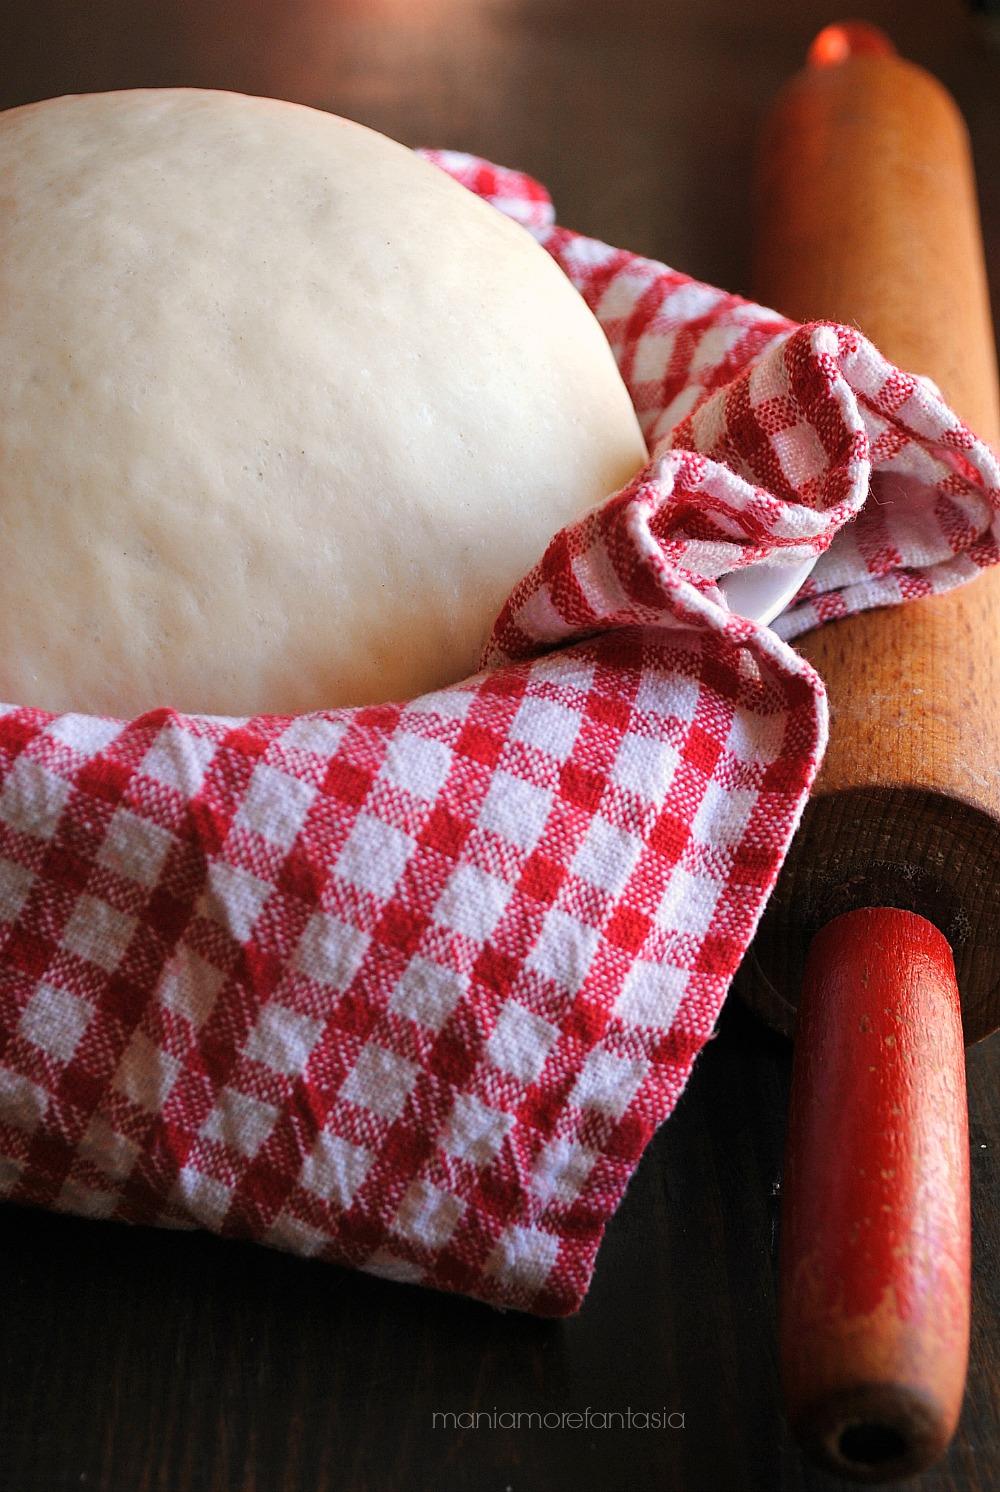 Impasto per rosticceria siciliana senza uova e senza latte - Impasto per tavola calda siciliana ...